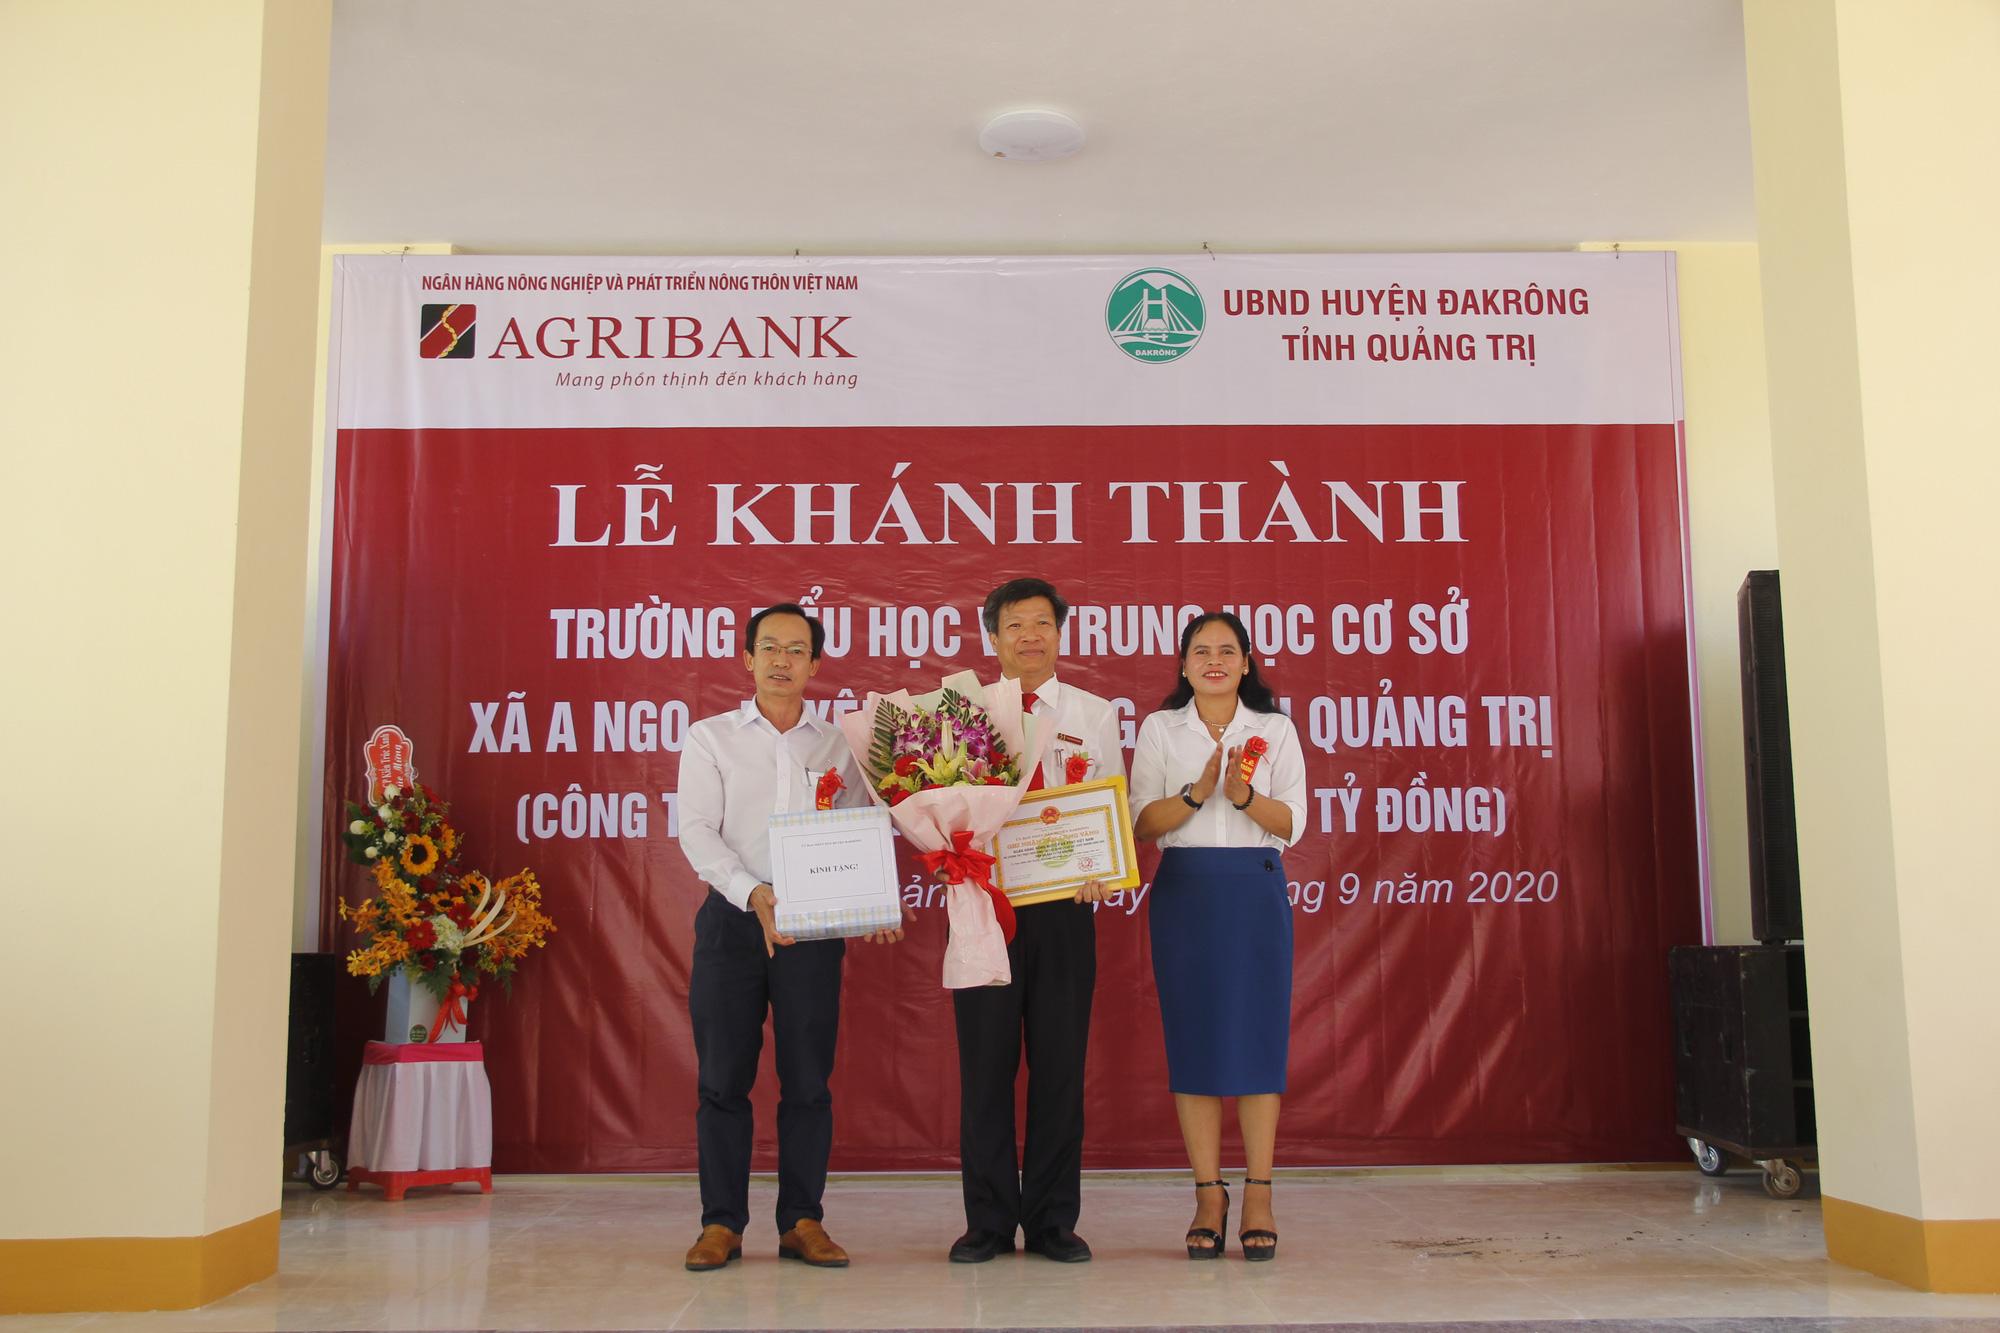 Ngân hàng Agribank xây trường học 5 tỷ đồng ở Quảng Trị - Ảnh 2.